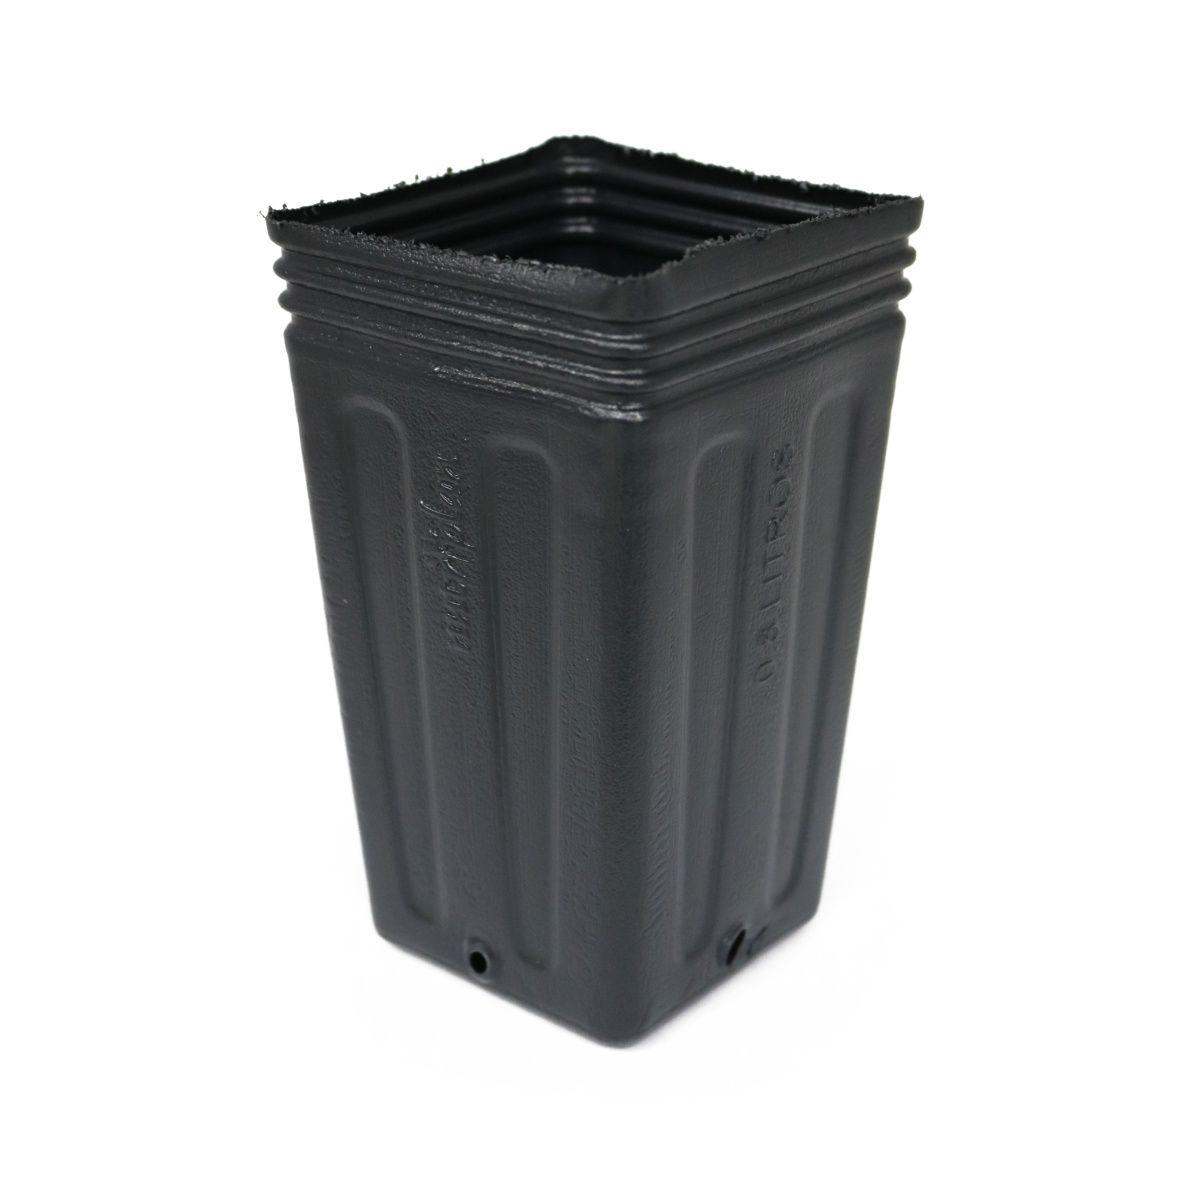 Vaso (embalagem) para mudas Kit com 10 potes de 0,8 litros